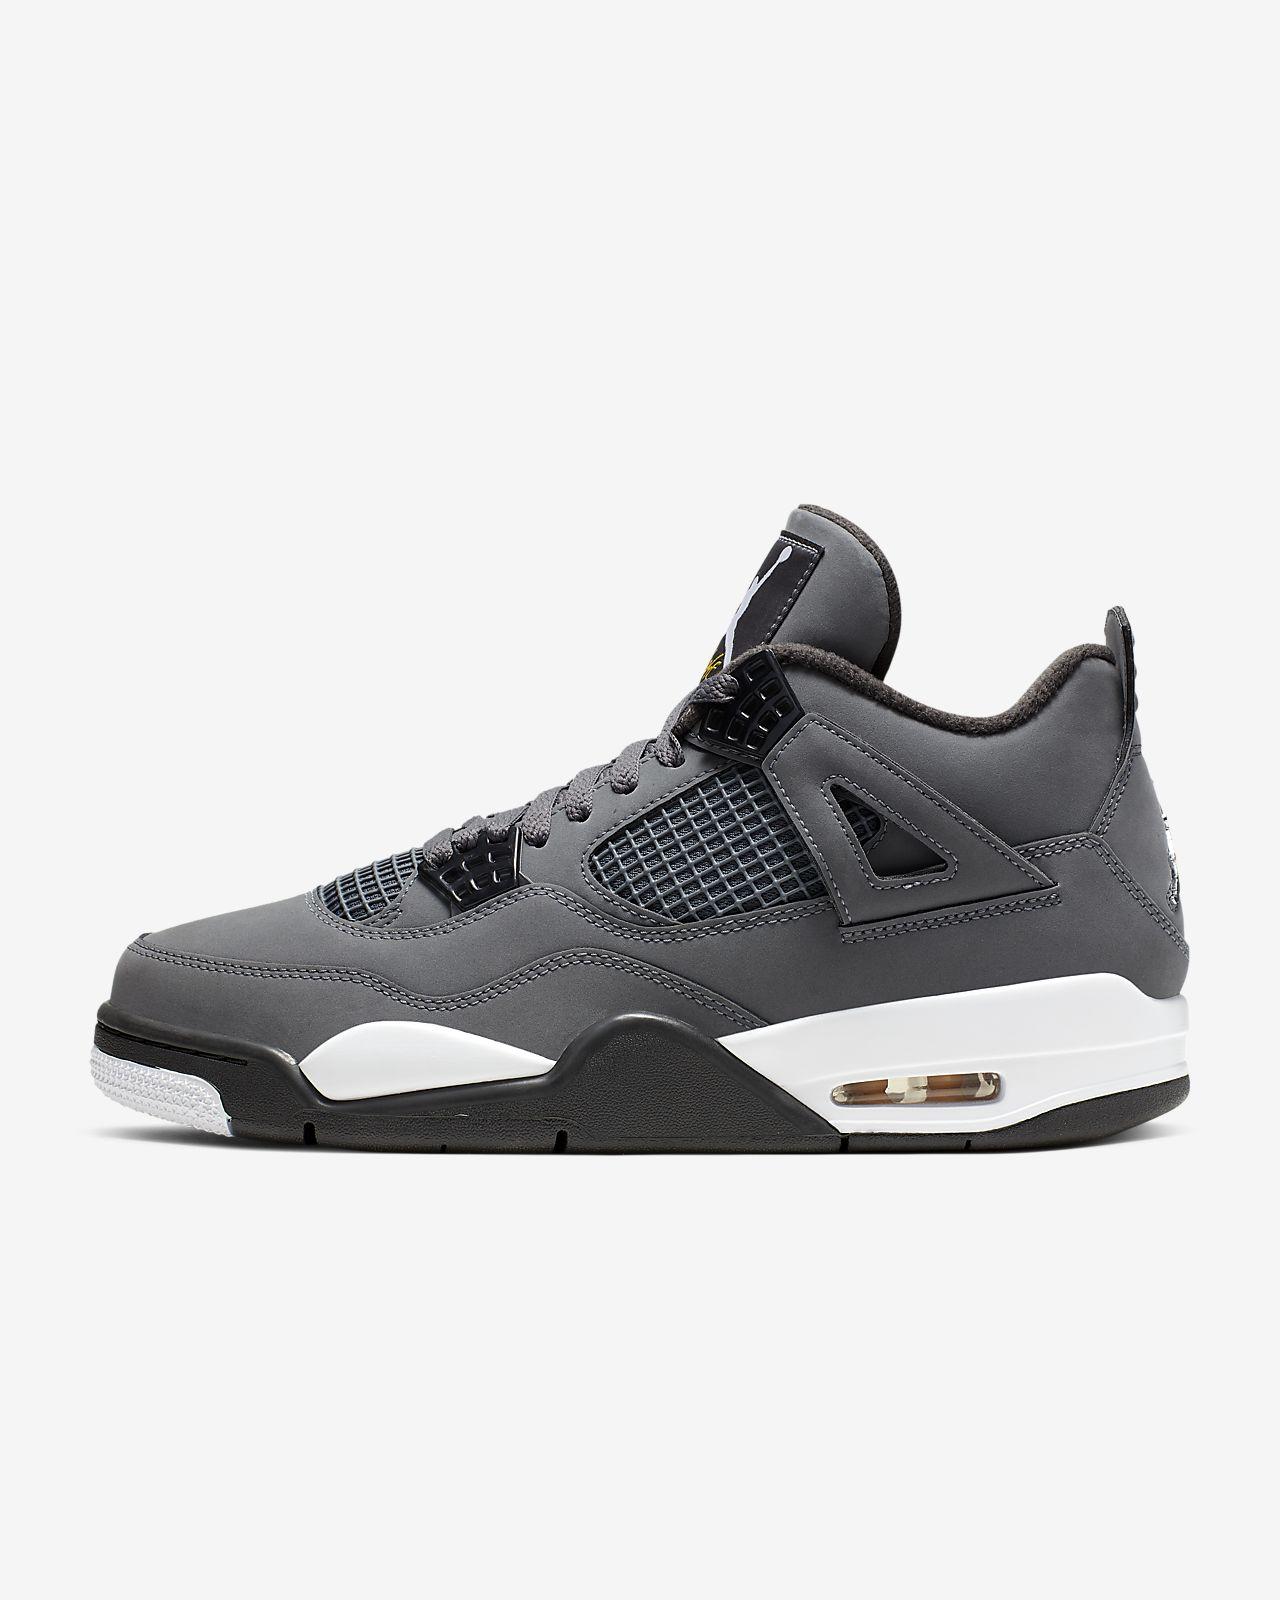 Air Jordan 4 Retro 男鞋